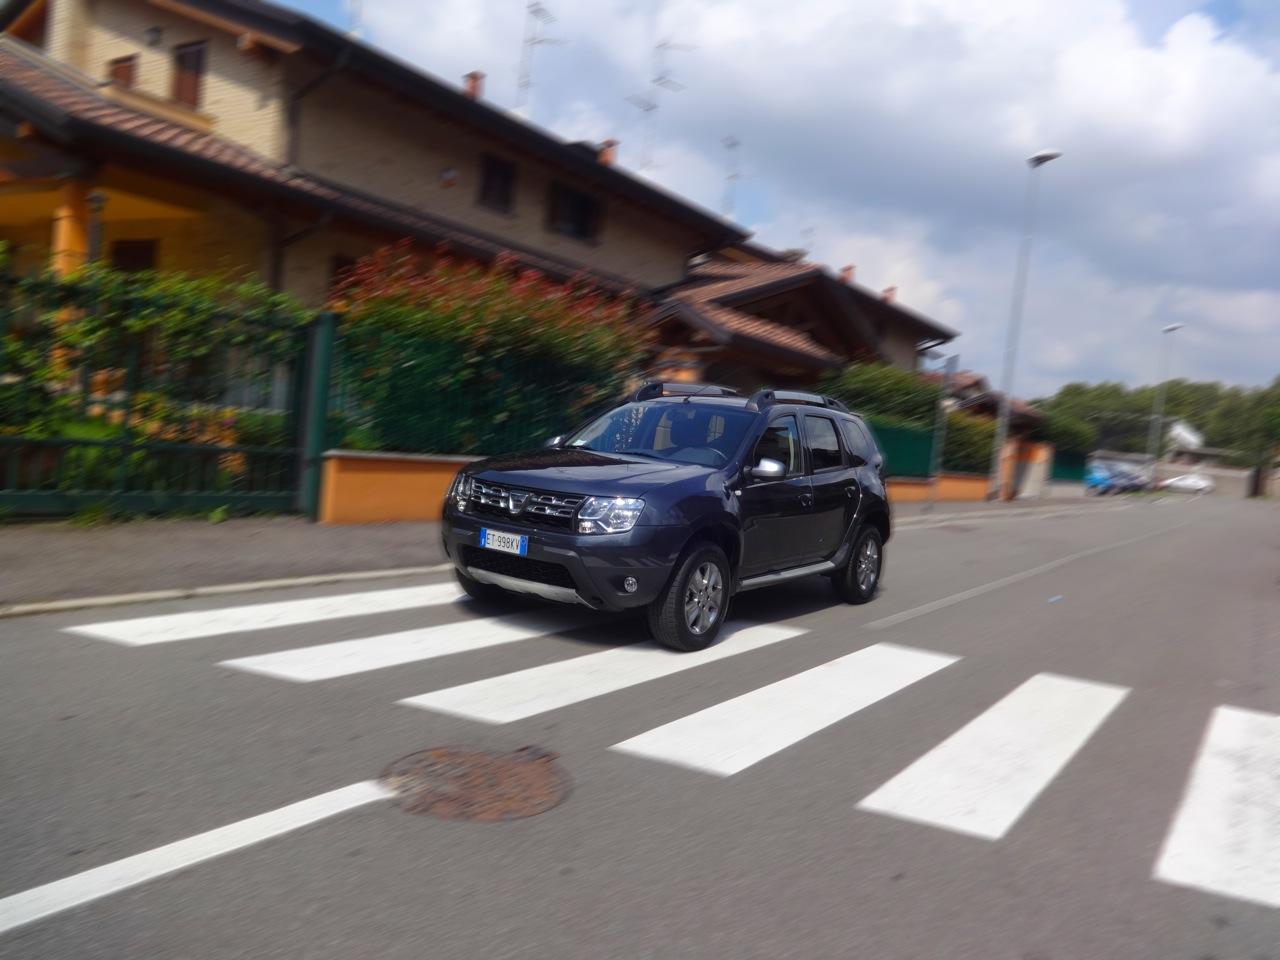 Dacia duster my 2014 prova su strada foto 2 di 39 for Prova su strada dacia duster 4x4